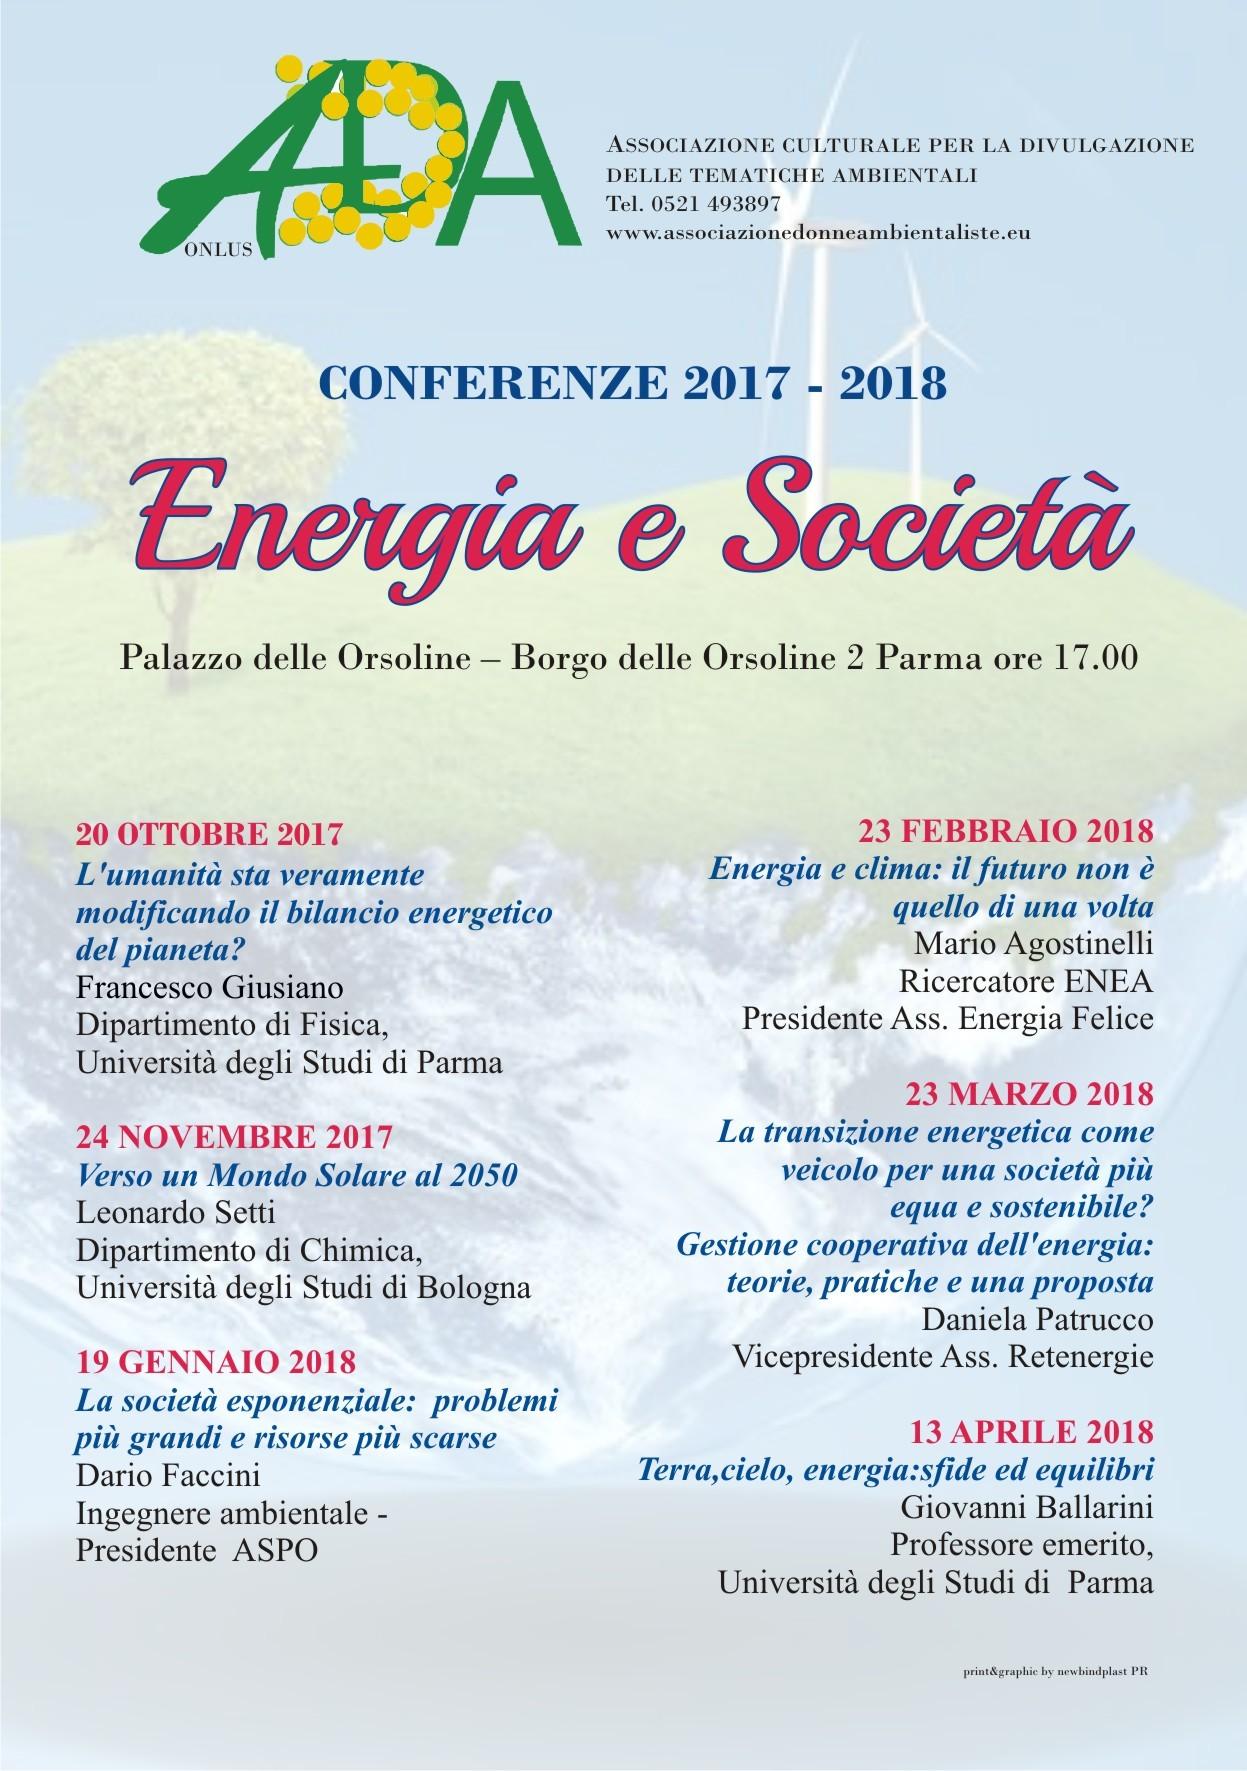 """Energia e società:  incontro con Giovanni Ballarini sul tema """"Terra, cielo, energia: sfide ed equilibri"""""""